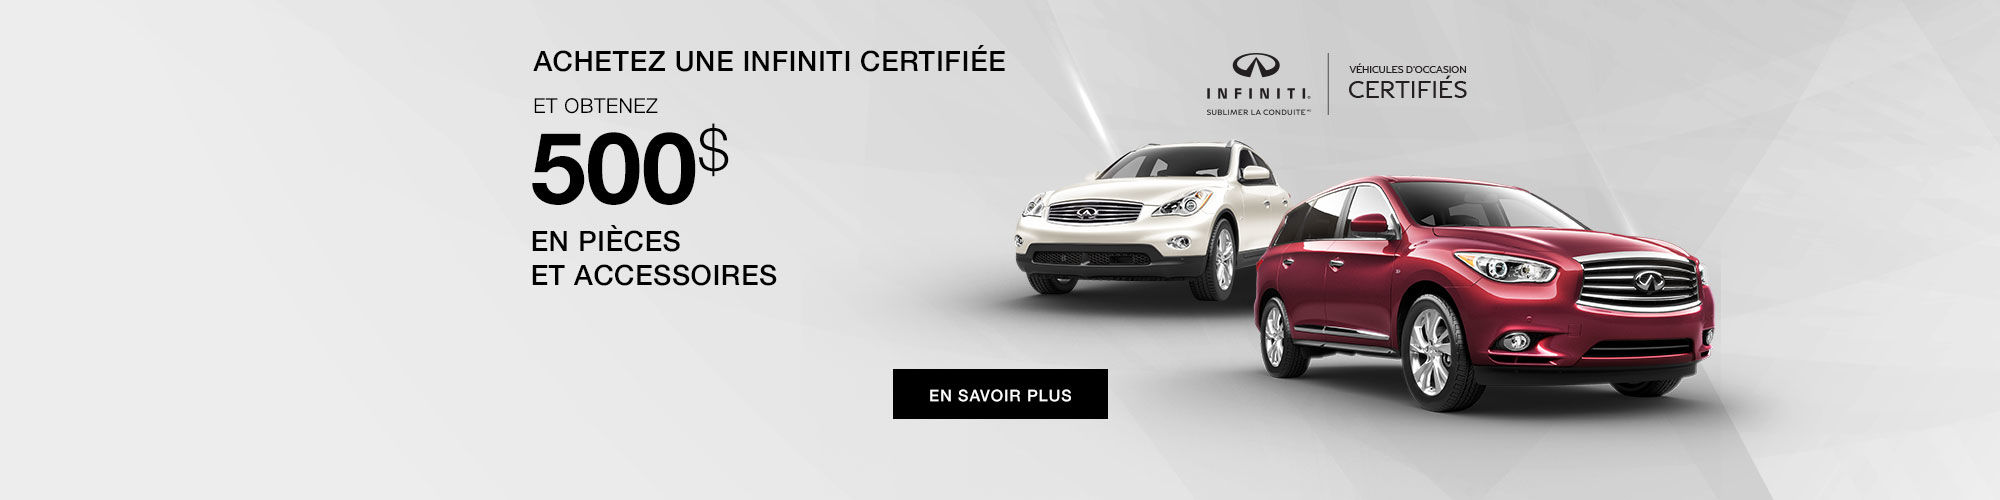 Infiniti véhicule d'occasion certifié